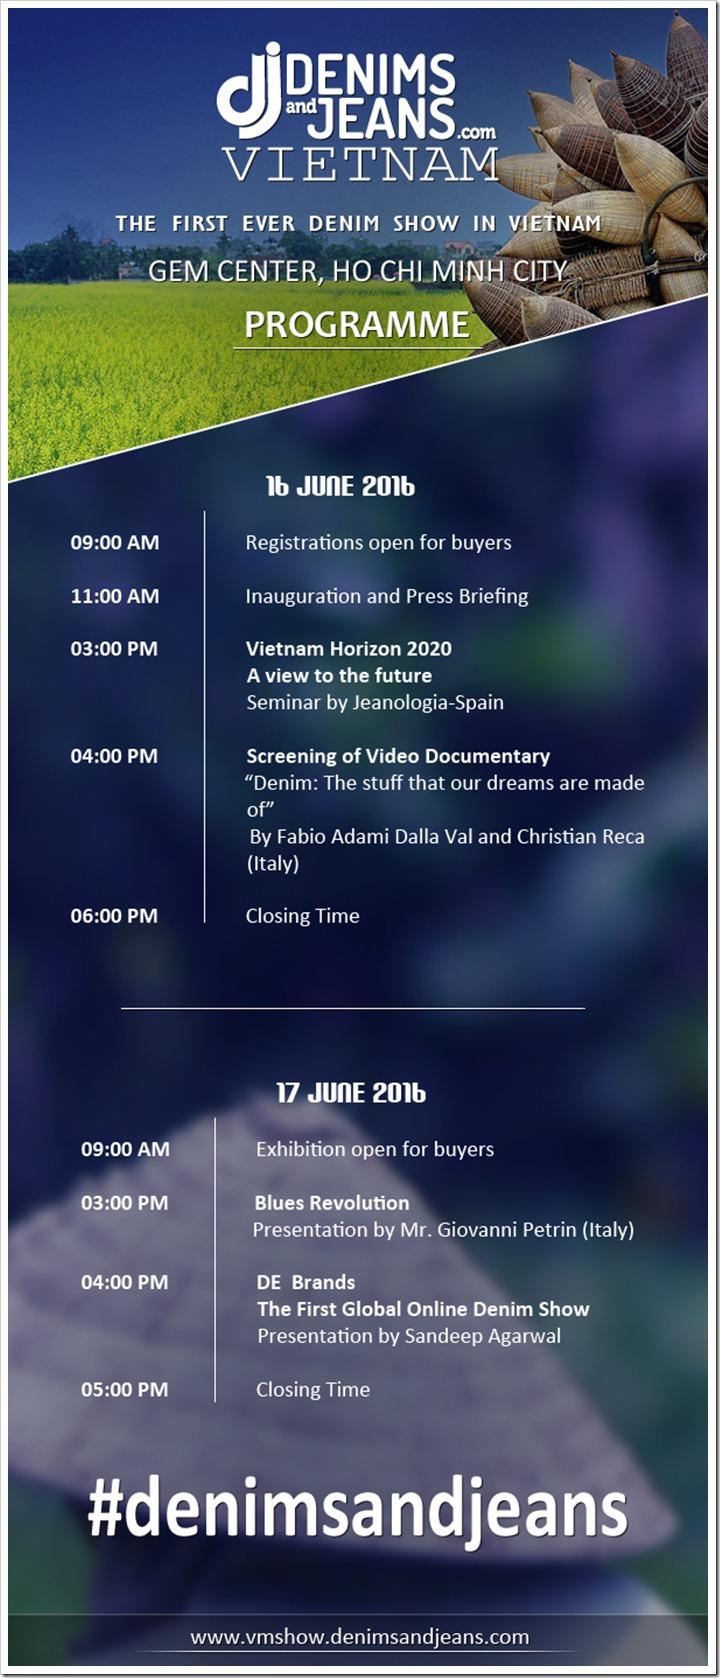 Event Details | Denimsandjeans.com Vietnam